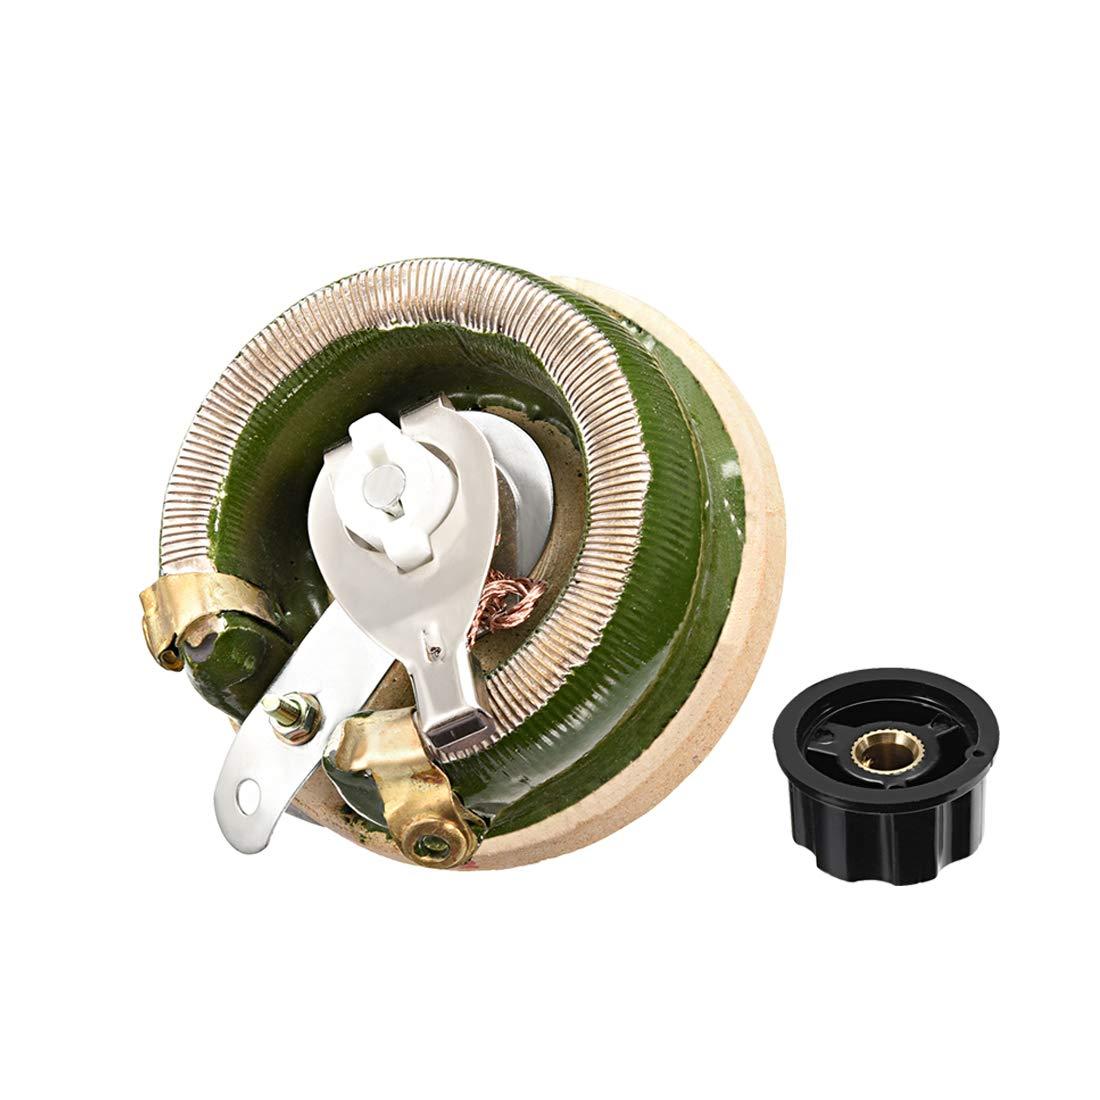 Sourcingmap 100 Ohm 100 W High Power Keramik Wirewound Potentiometer mit Knopf Rheostat variabler Widerstand